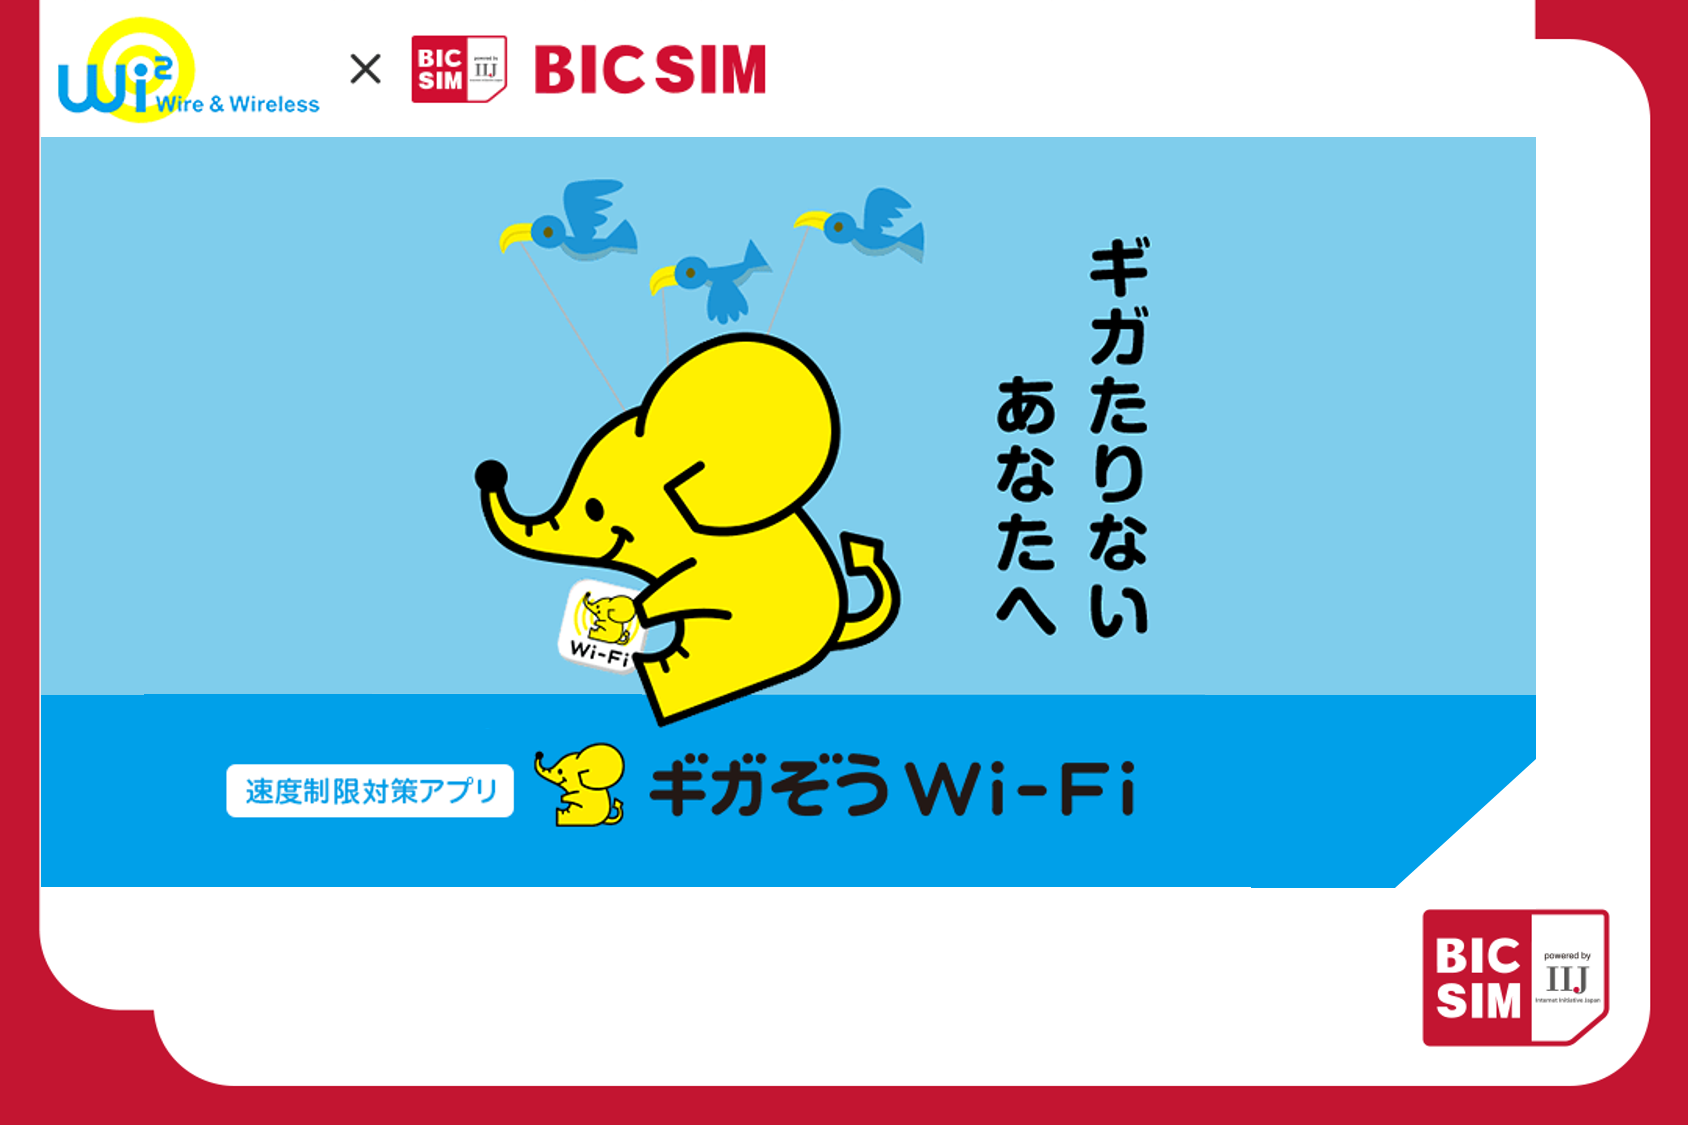 Fi wi ギガ ぞう [公衆無線LAN「ギガぞう Wi